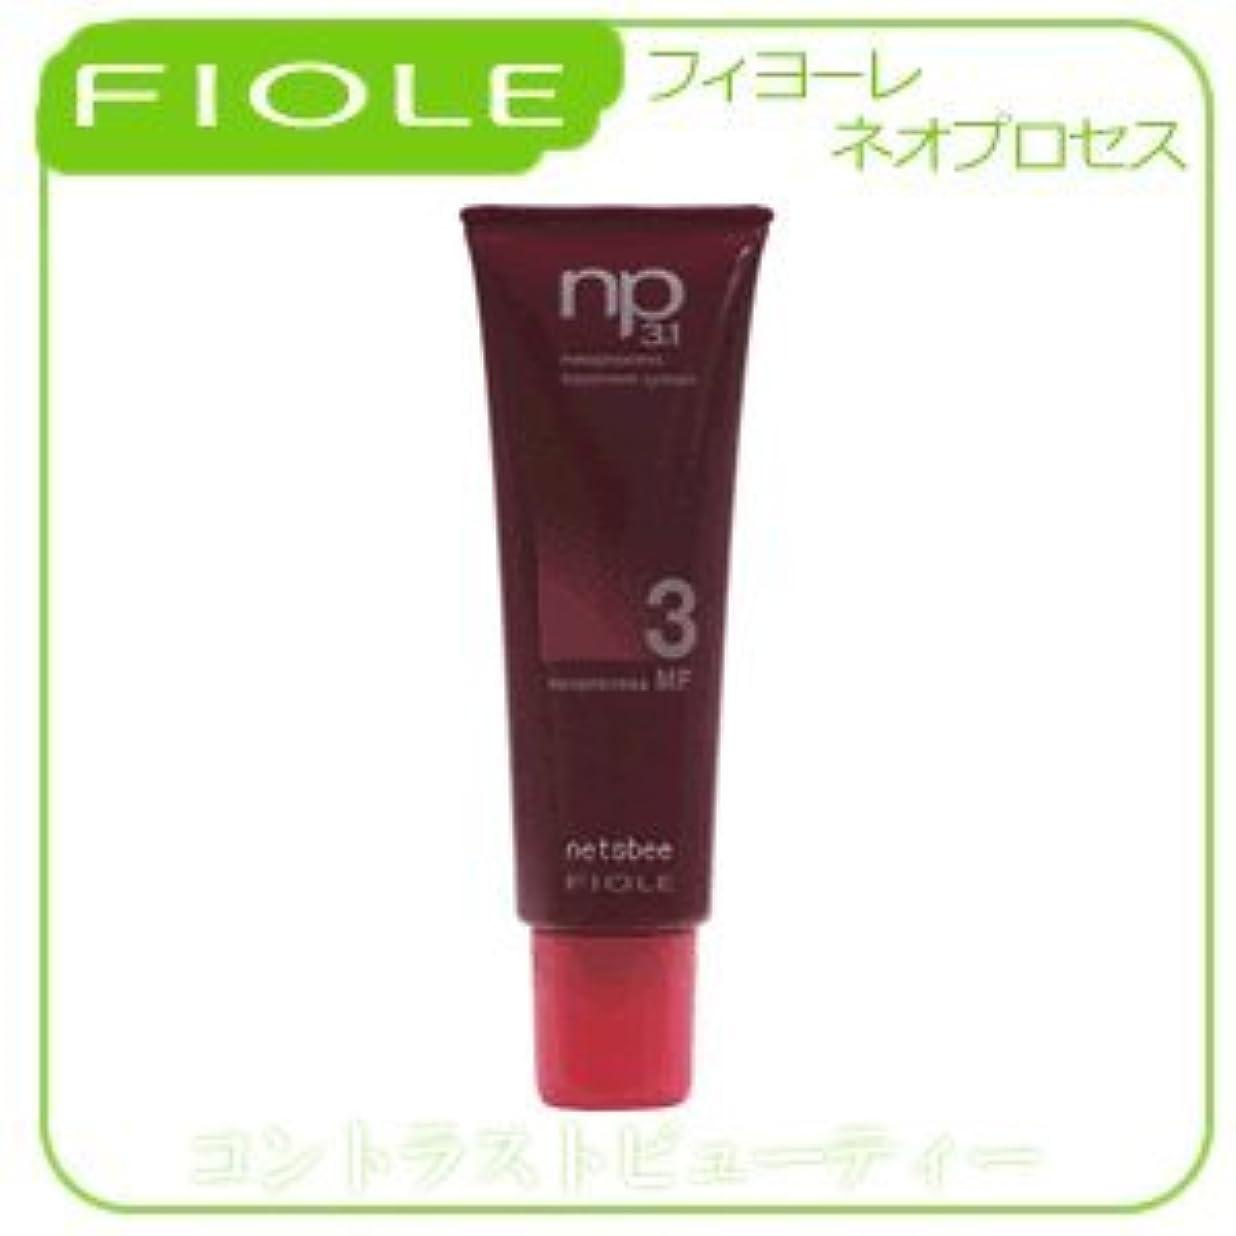 適度な煩わしい差し引くフィヨーレ NP3.1 ネオプロセス MF3 130g FIOLE ネオプロセス